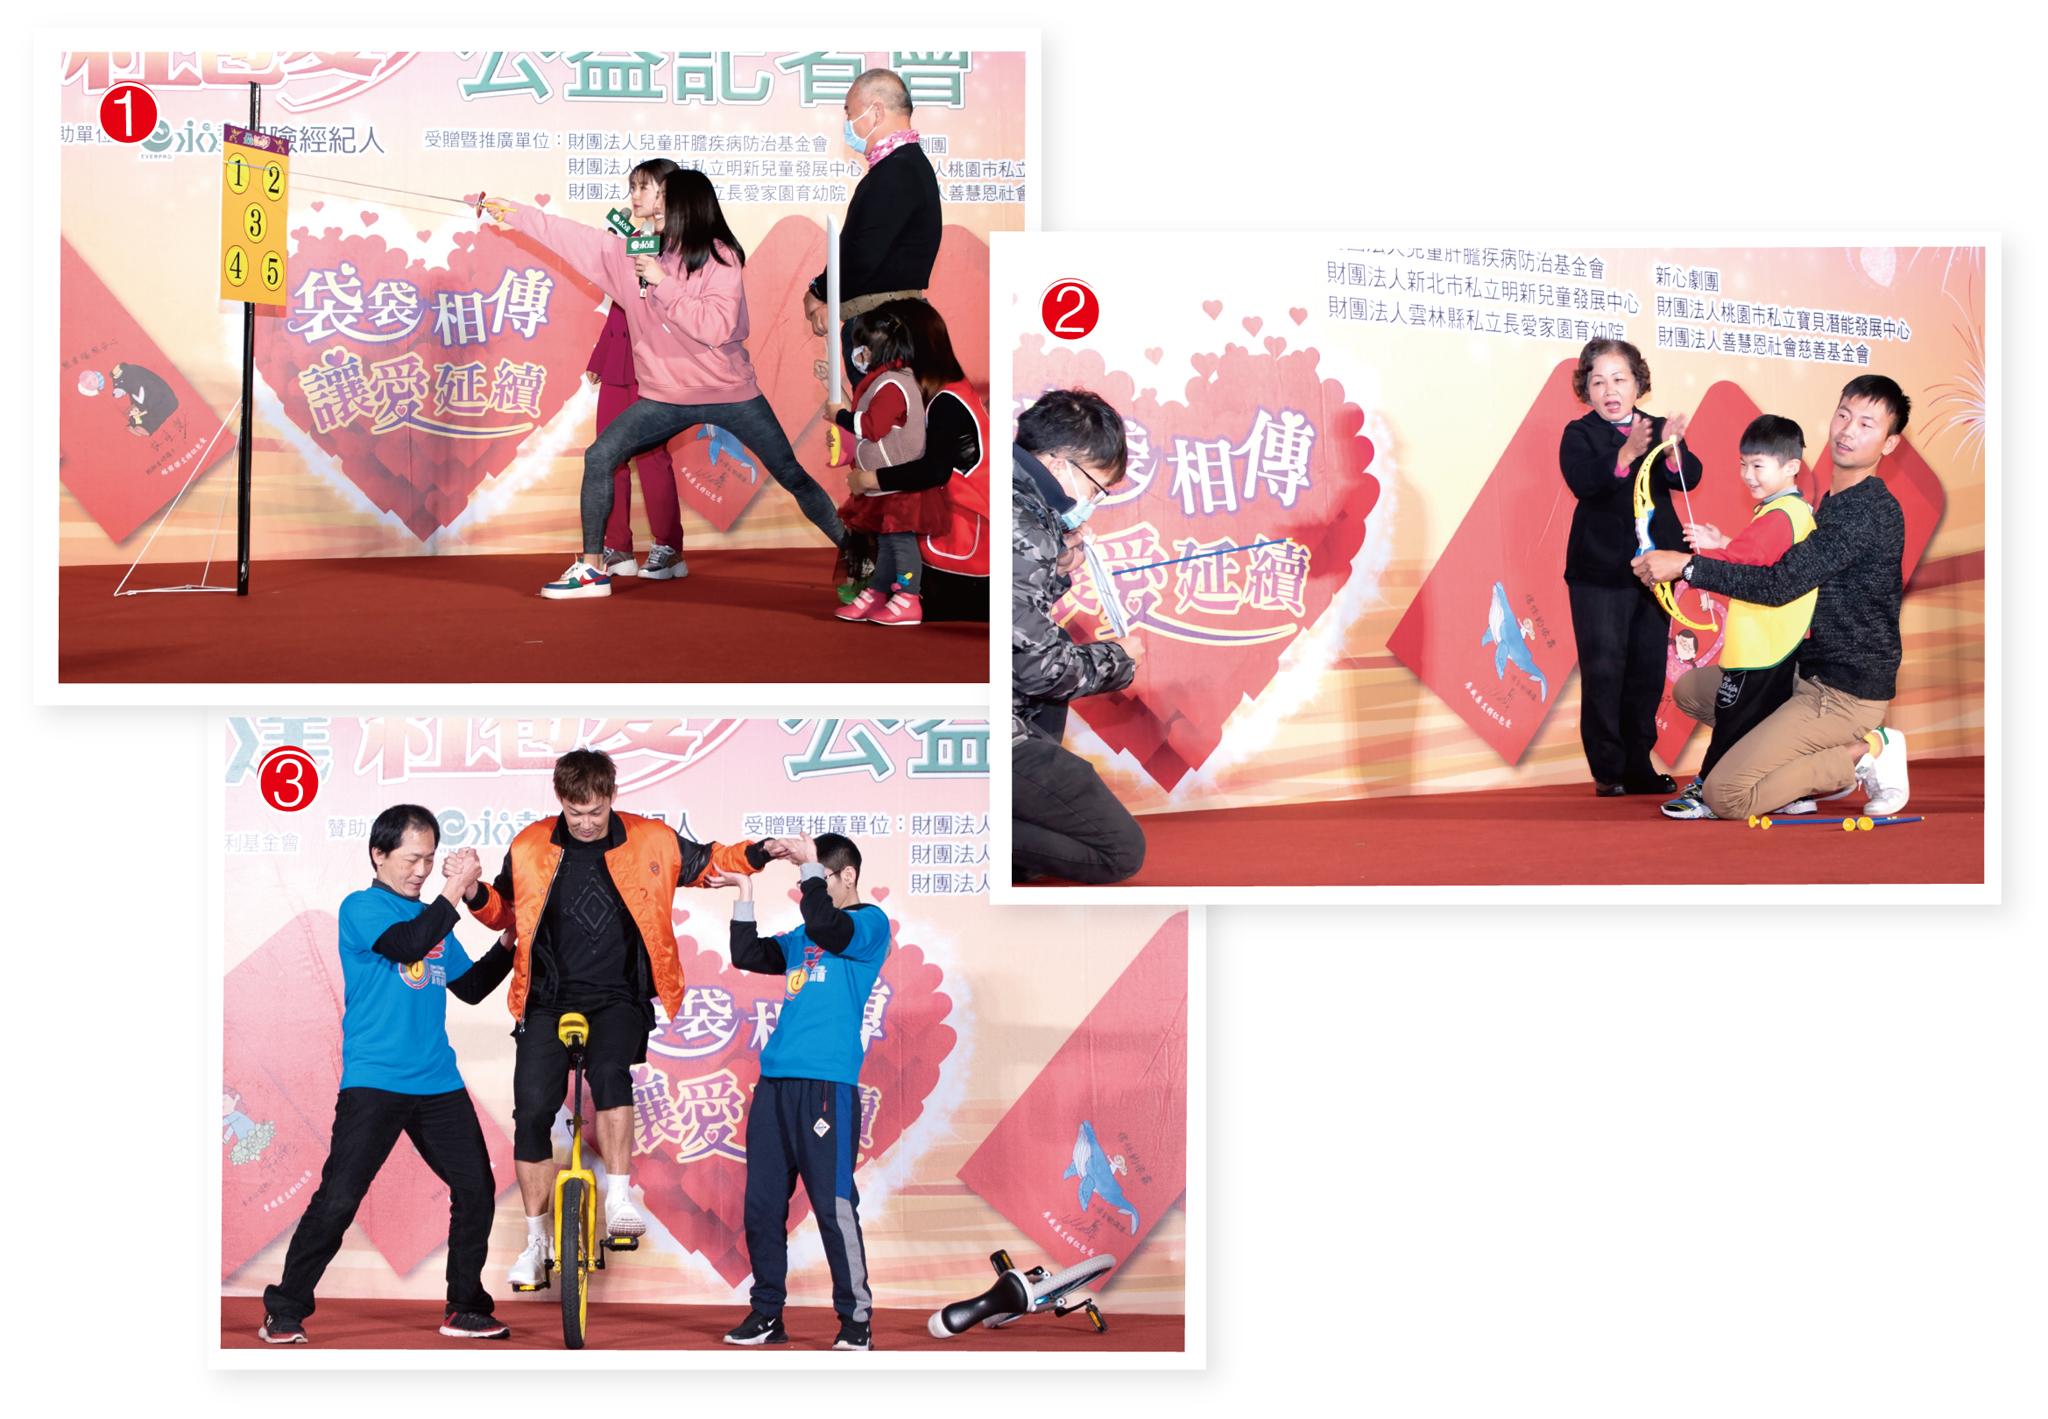 愛心大使程昕(圖1)、魏均珩(圖2)、廖威廉(圖3)與弱勢孩子一同挑戰遊戲任務。